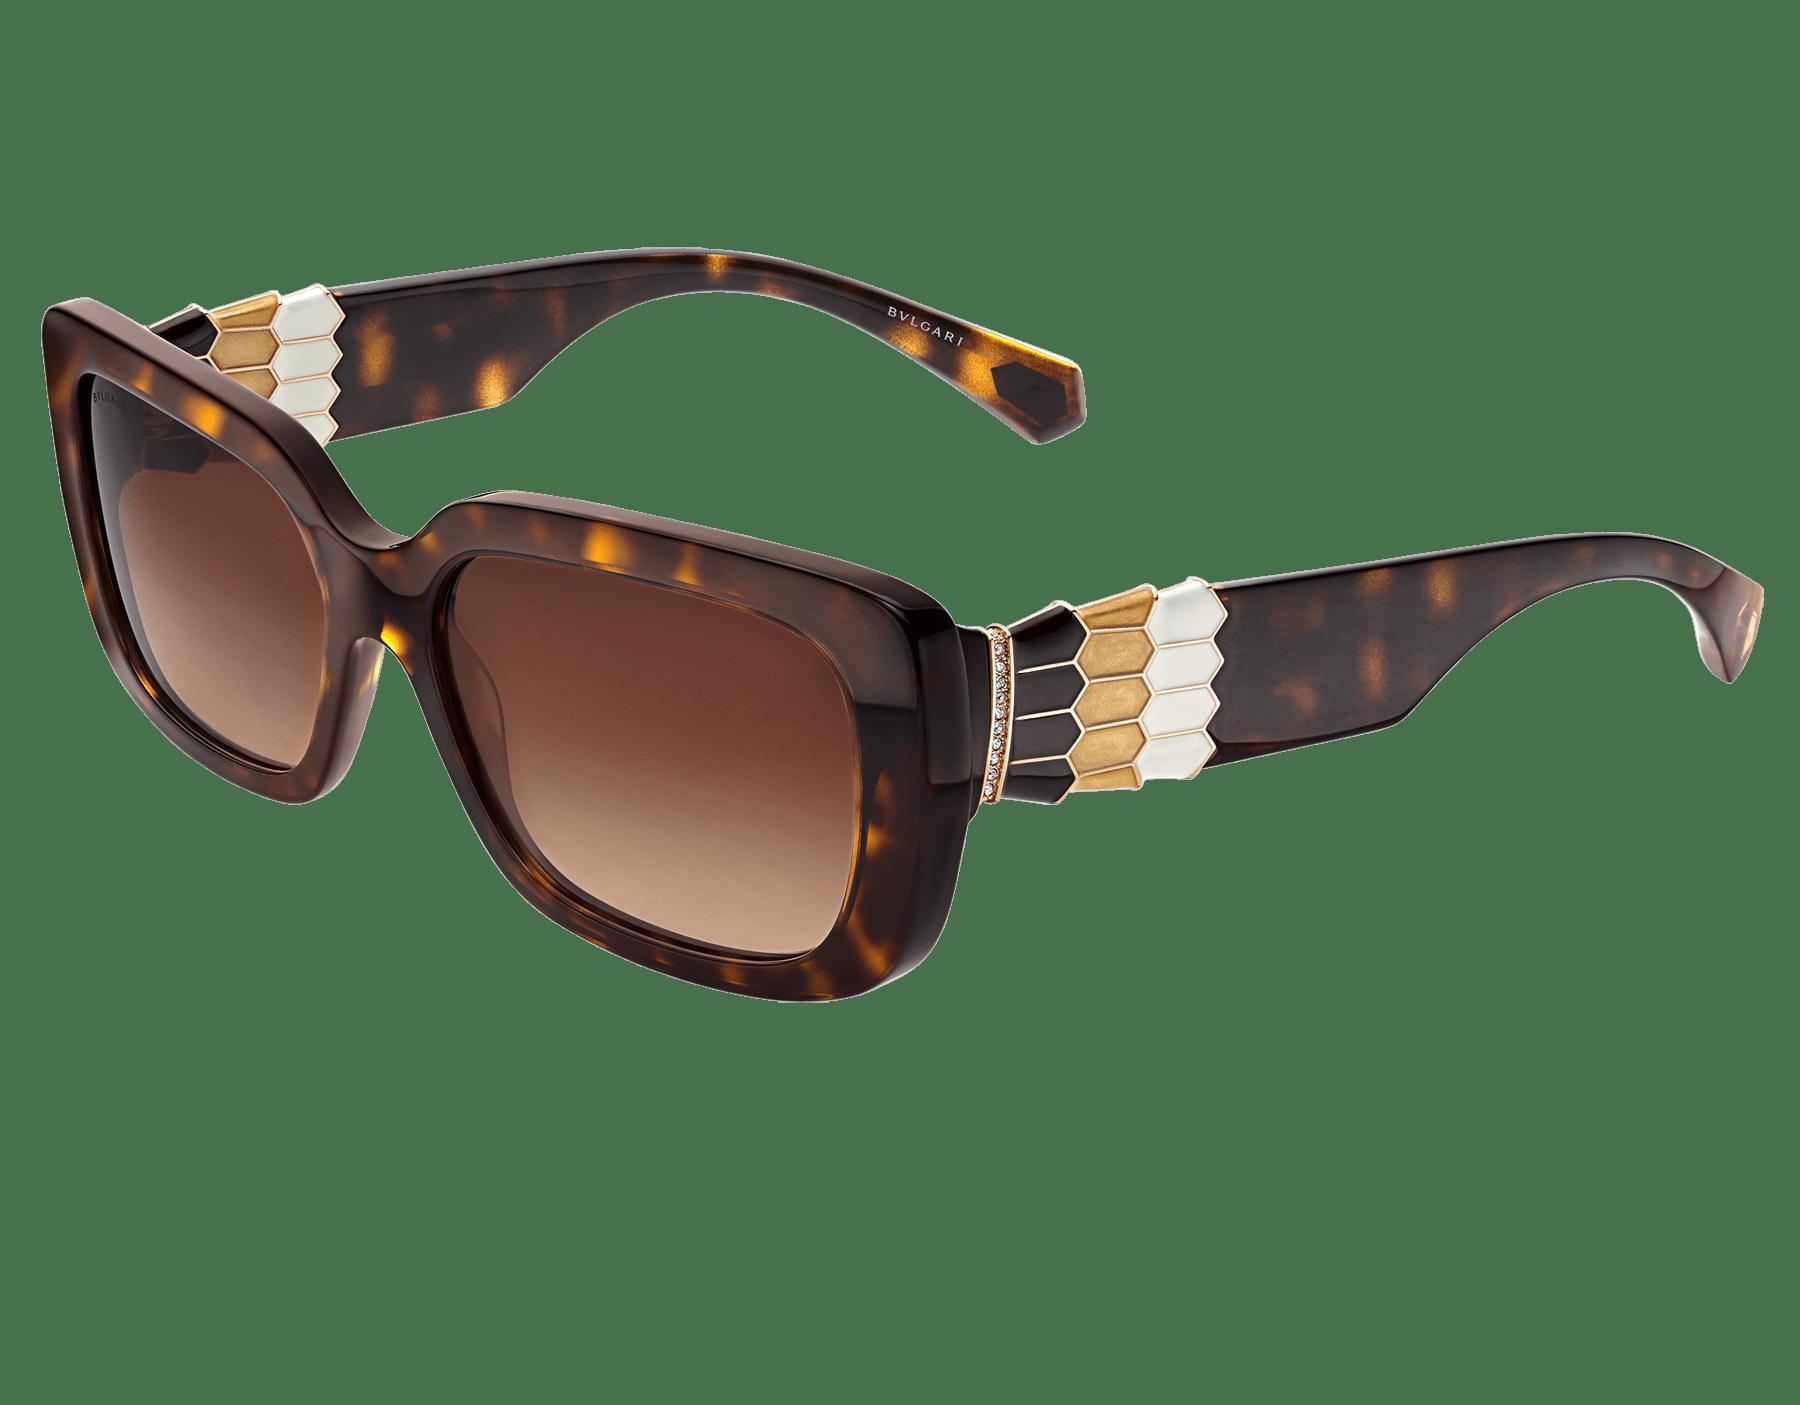 نظارات شمسية بولغري سيربنتيباك تو سكيل مستطيلة الشكل من الأسيتات. 903994 image 1